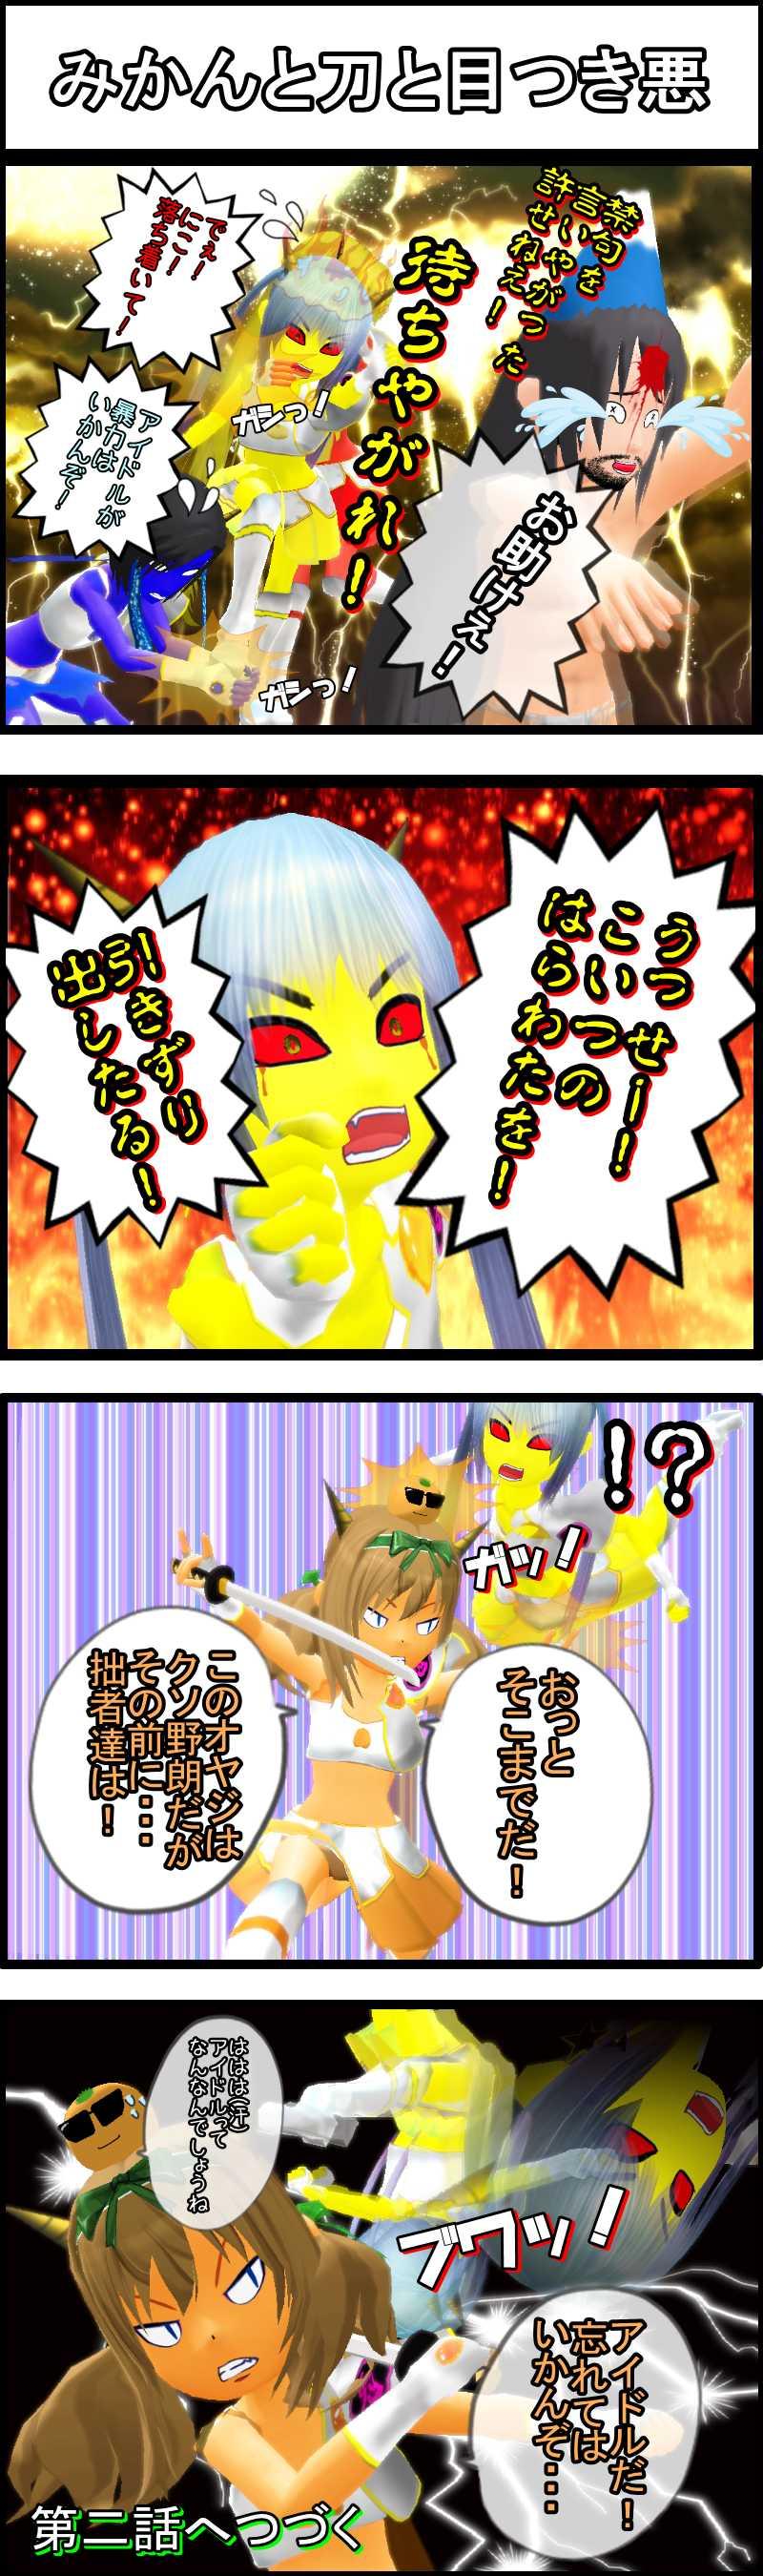 第一話「666鬼娘でぇす☆」